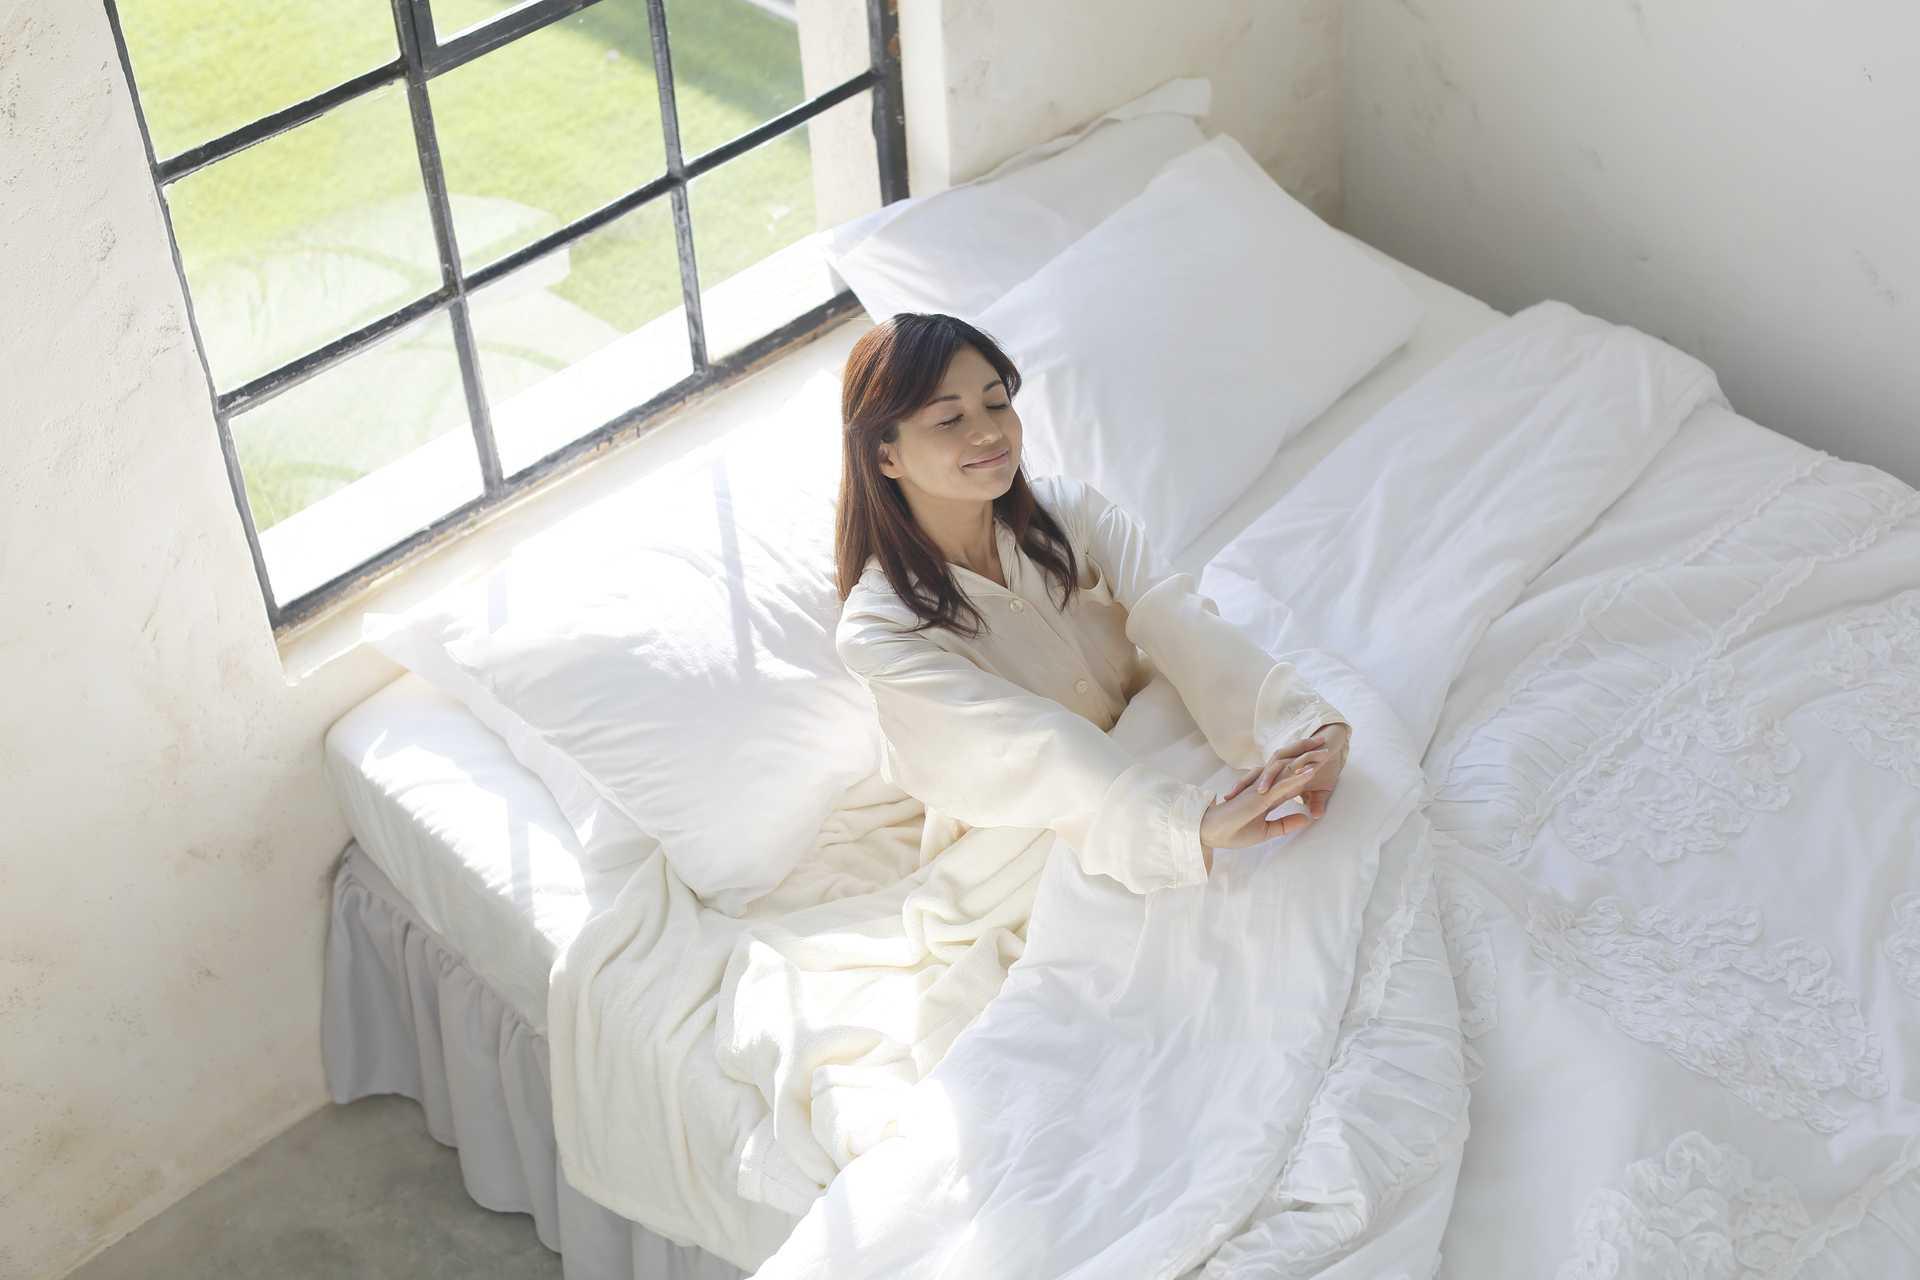 模様替えでは、ベッドの位置が一番重要。 | 早寝早起きの生活で人生を変える30の方法